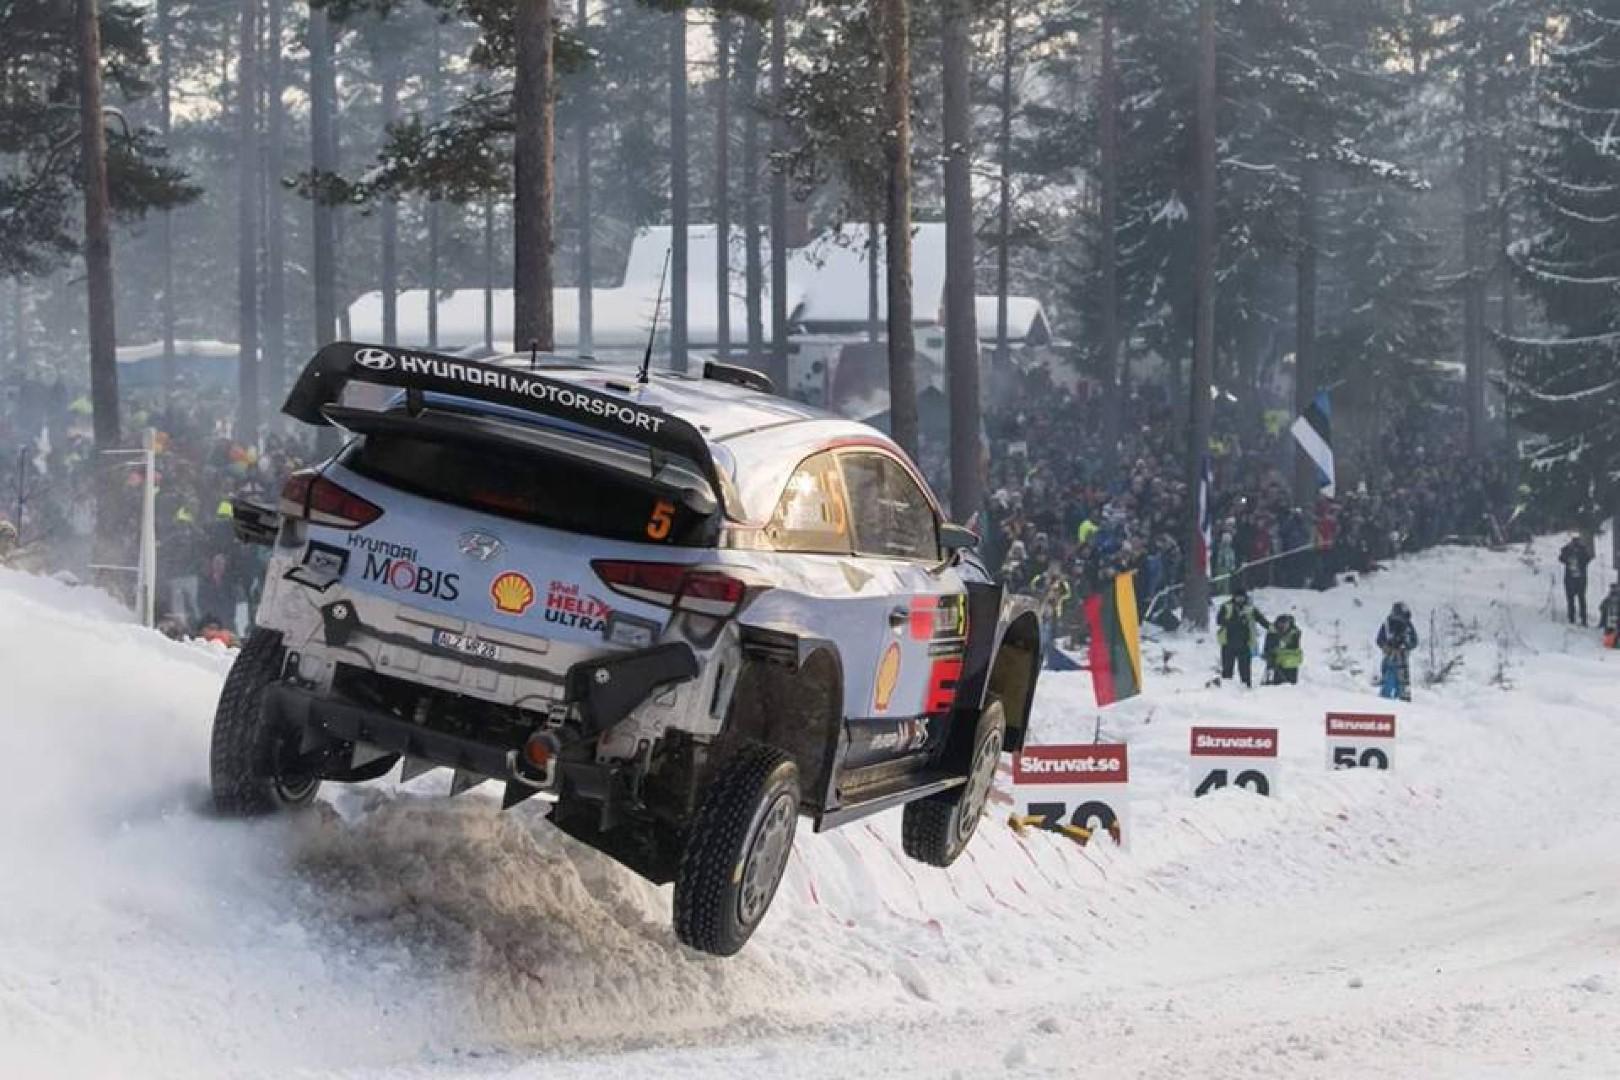 Rallye de suède 2018 : Thierry Neuville s'impose est prend la tête du championnat